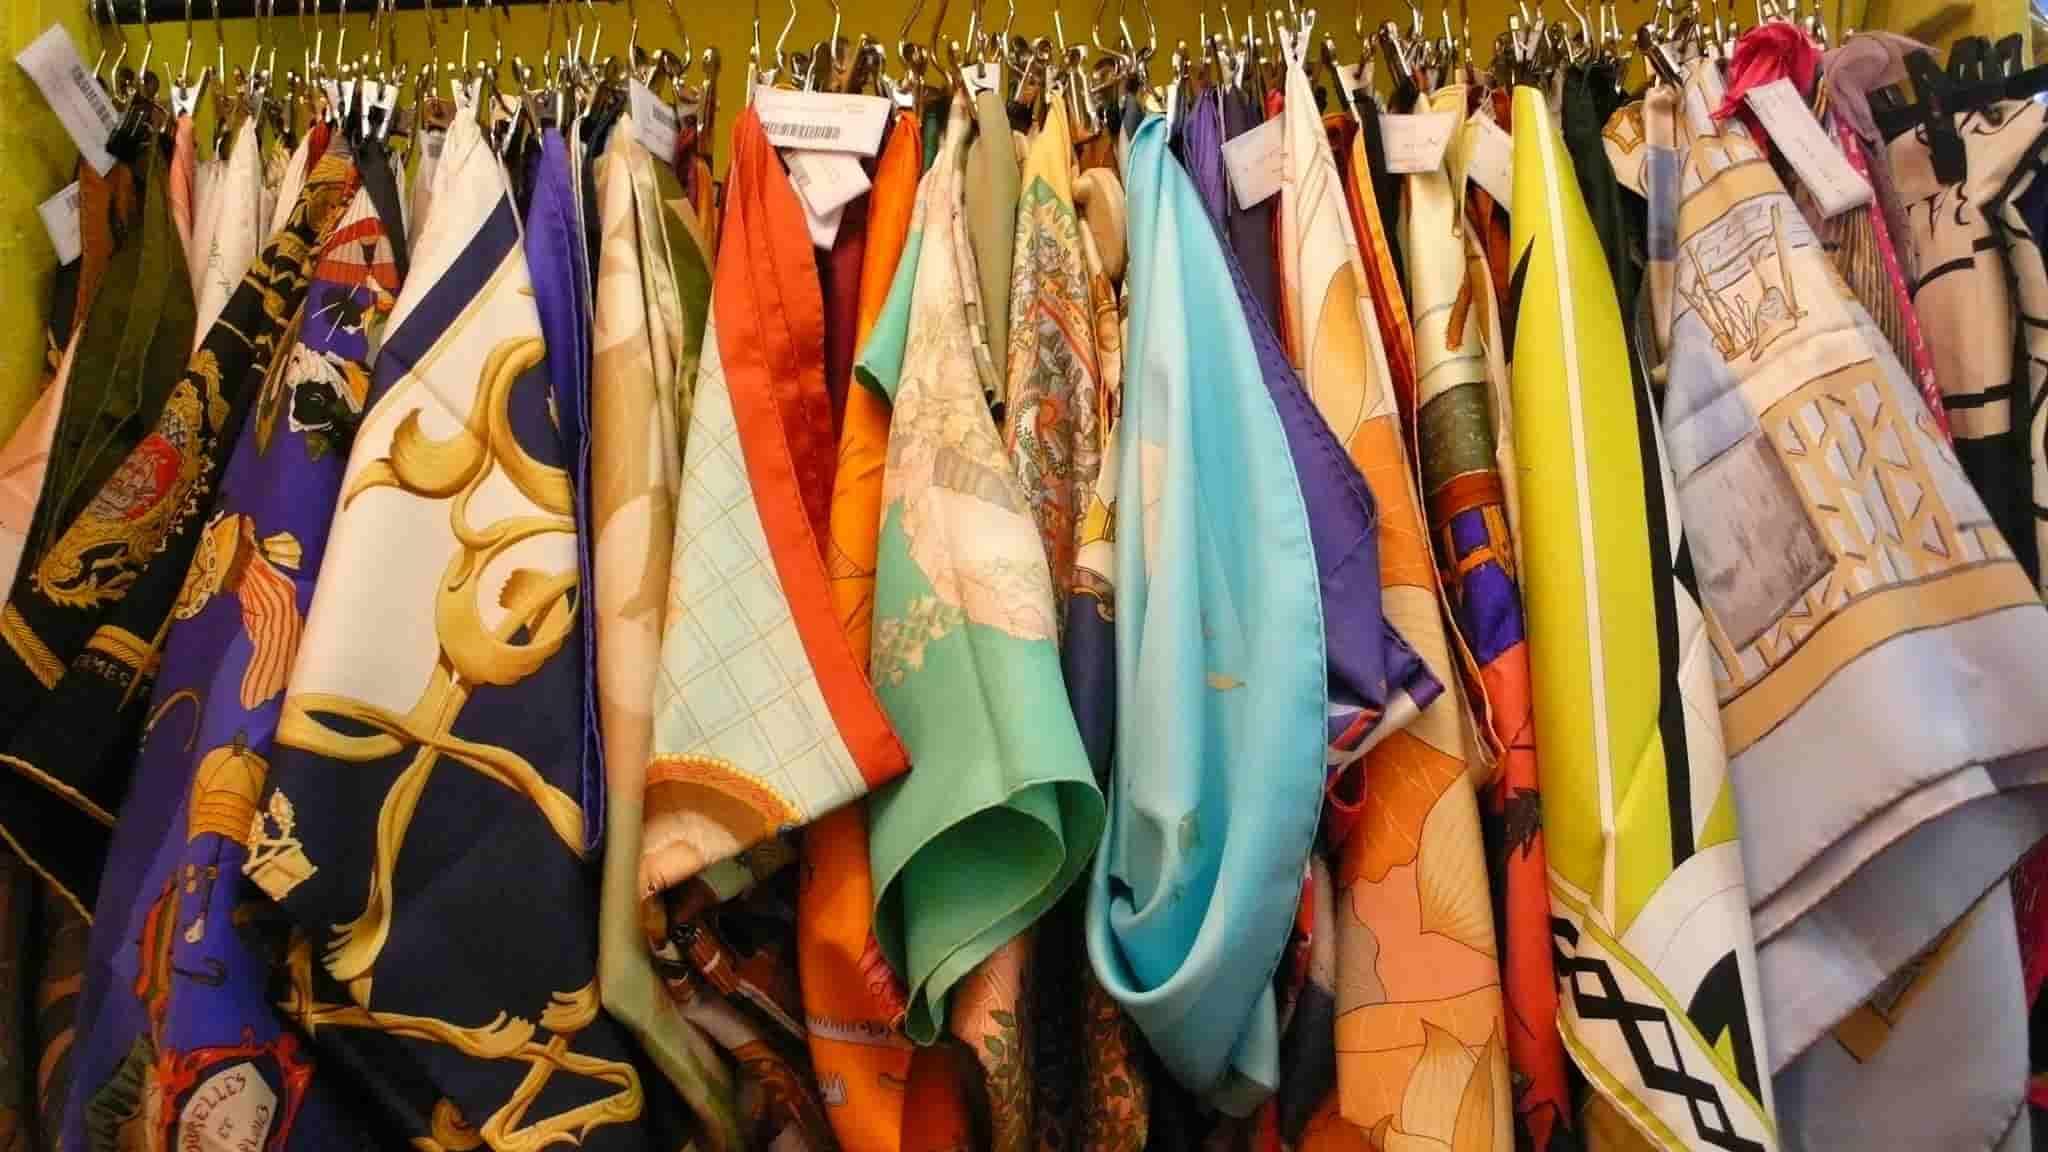 روندهای ترغیب بانوان غربی به مد و لباس اسلامی